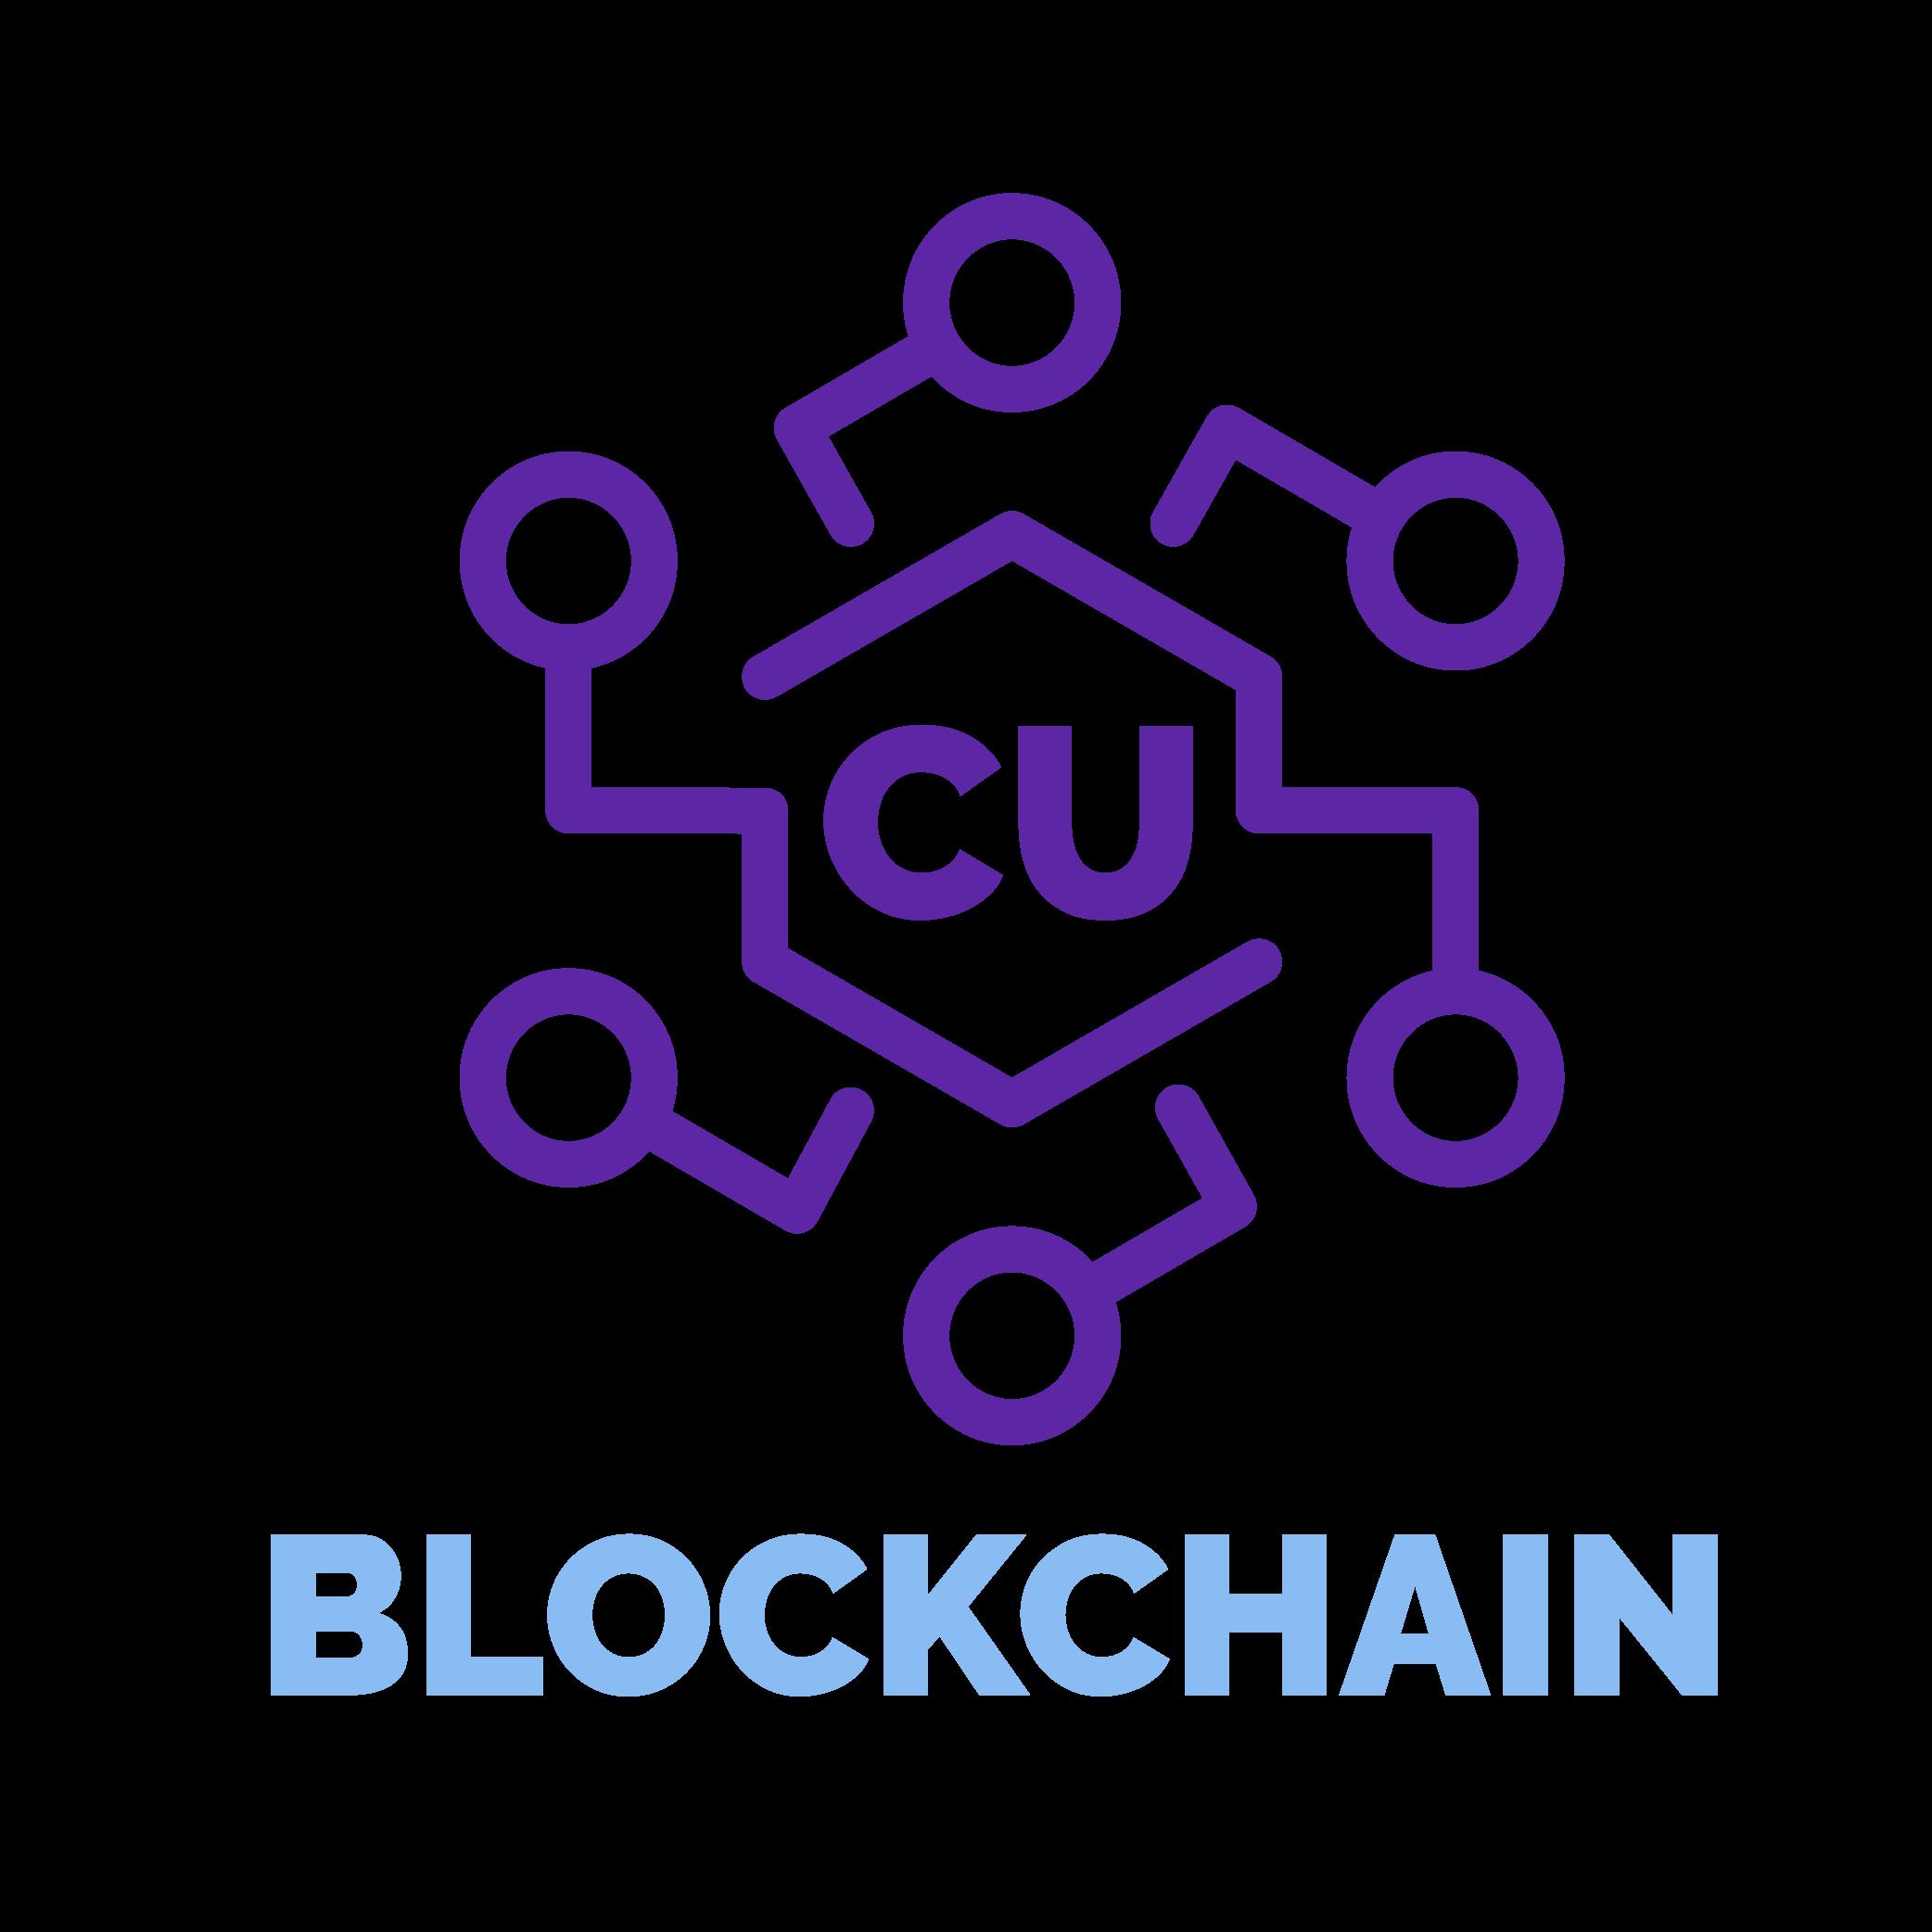 CU Blockchain